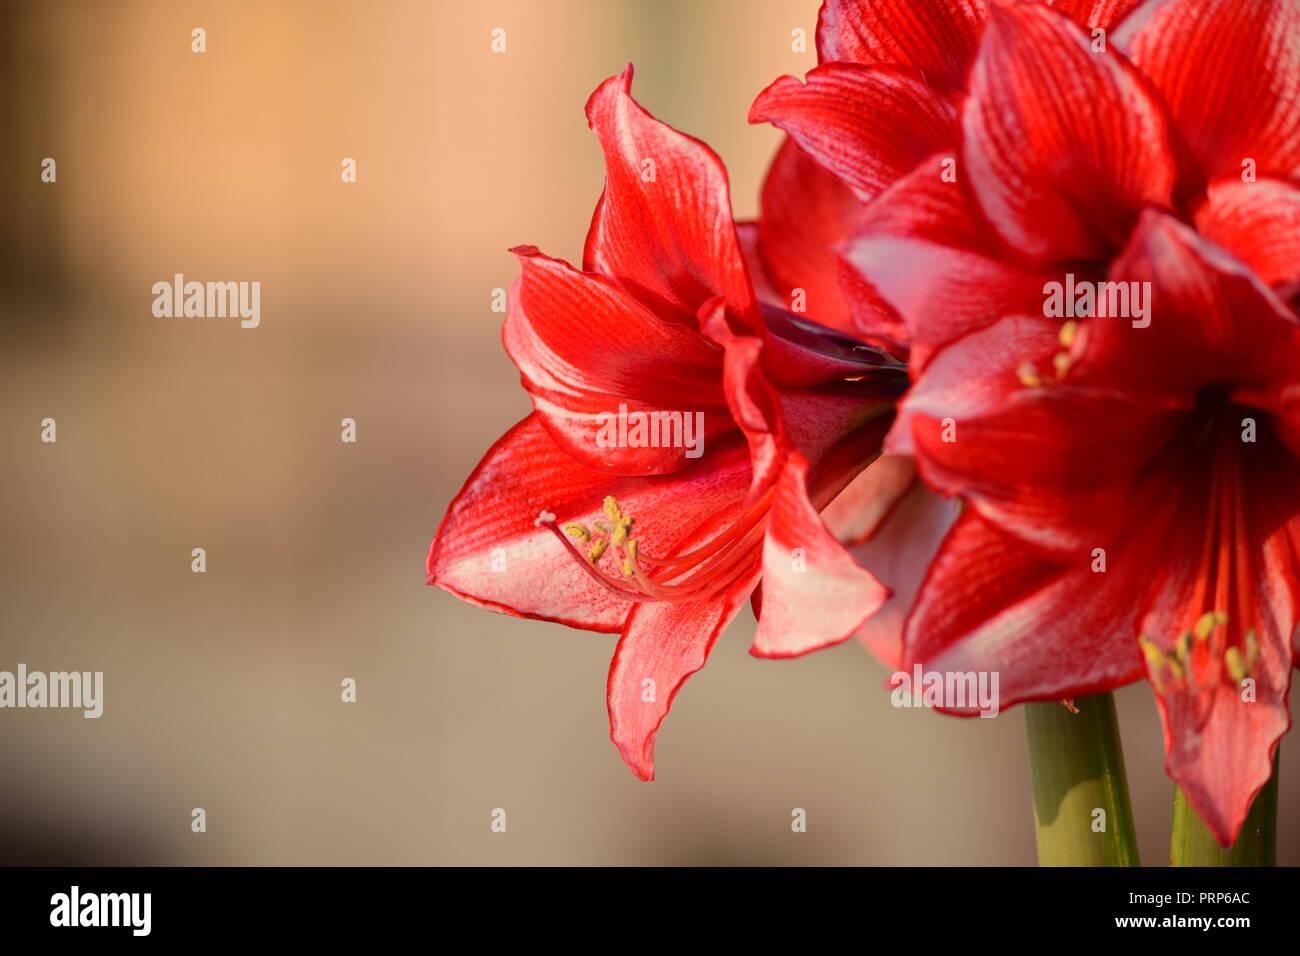 Ein Bündel von Charisma Amaryllis Blumen, von zwei stammt aus der gleichen Lampe. Weiße Blüten mit staubgefäßen. Garten, Dachterrasse, Malta Stockbild